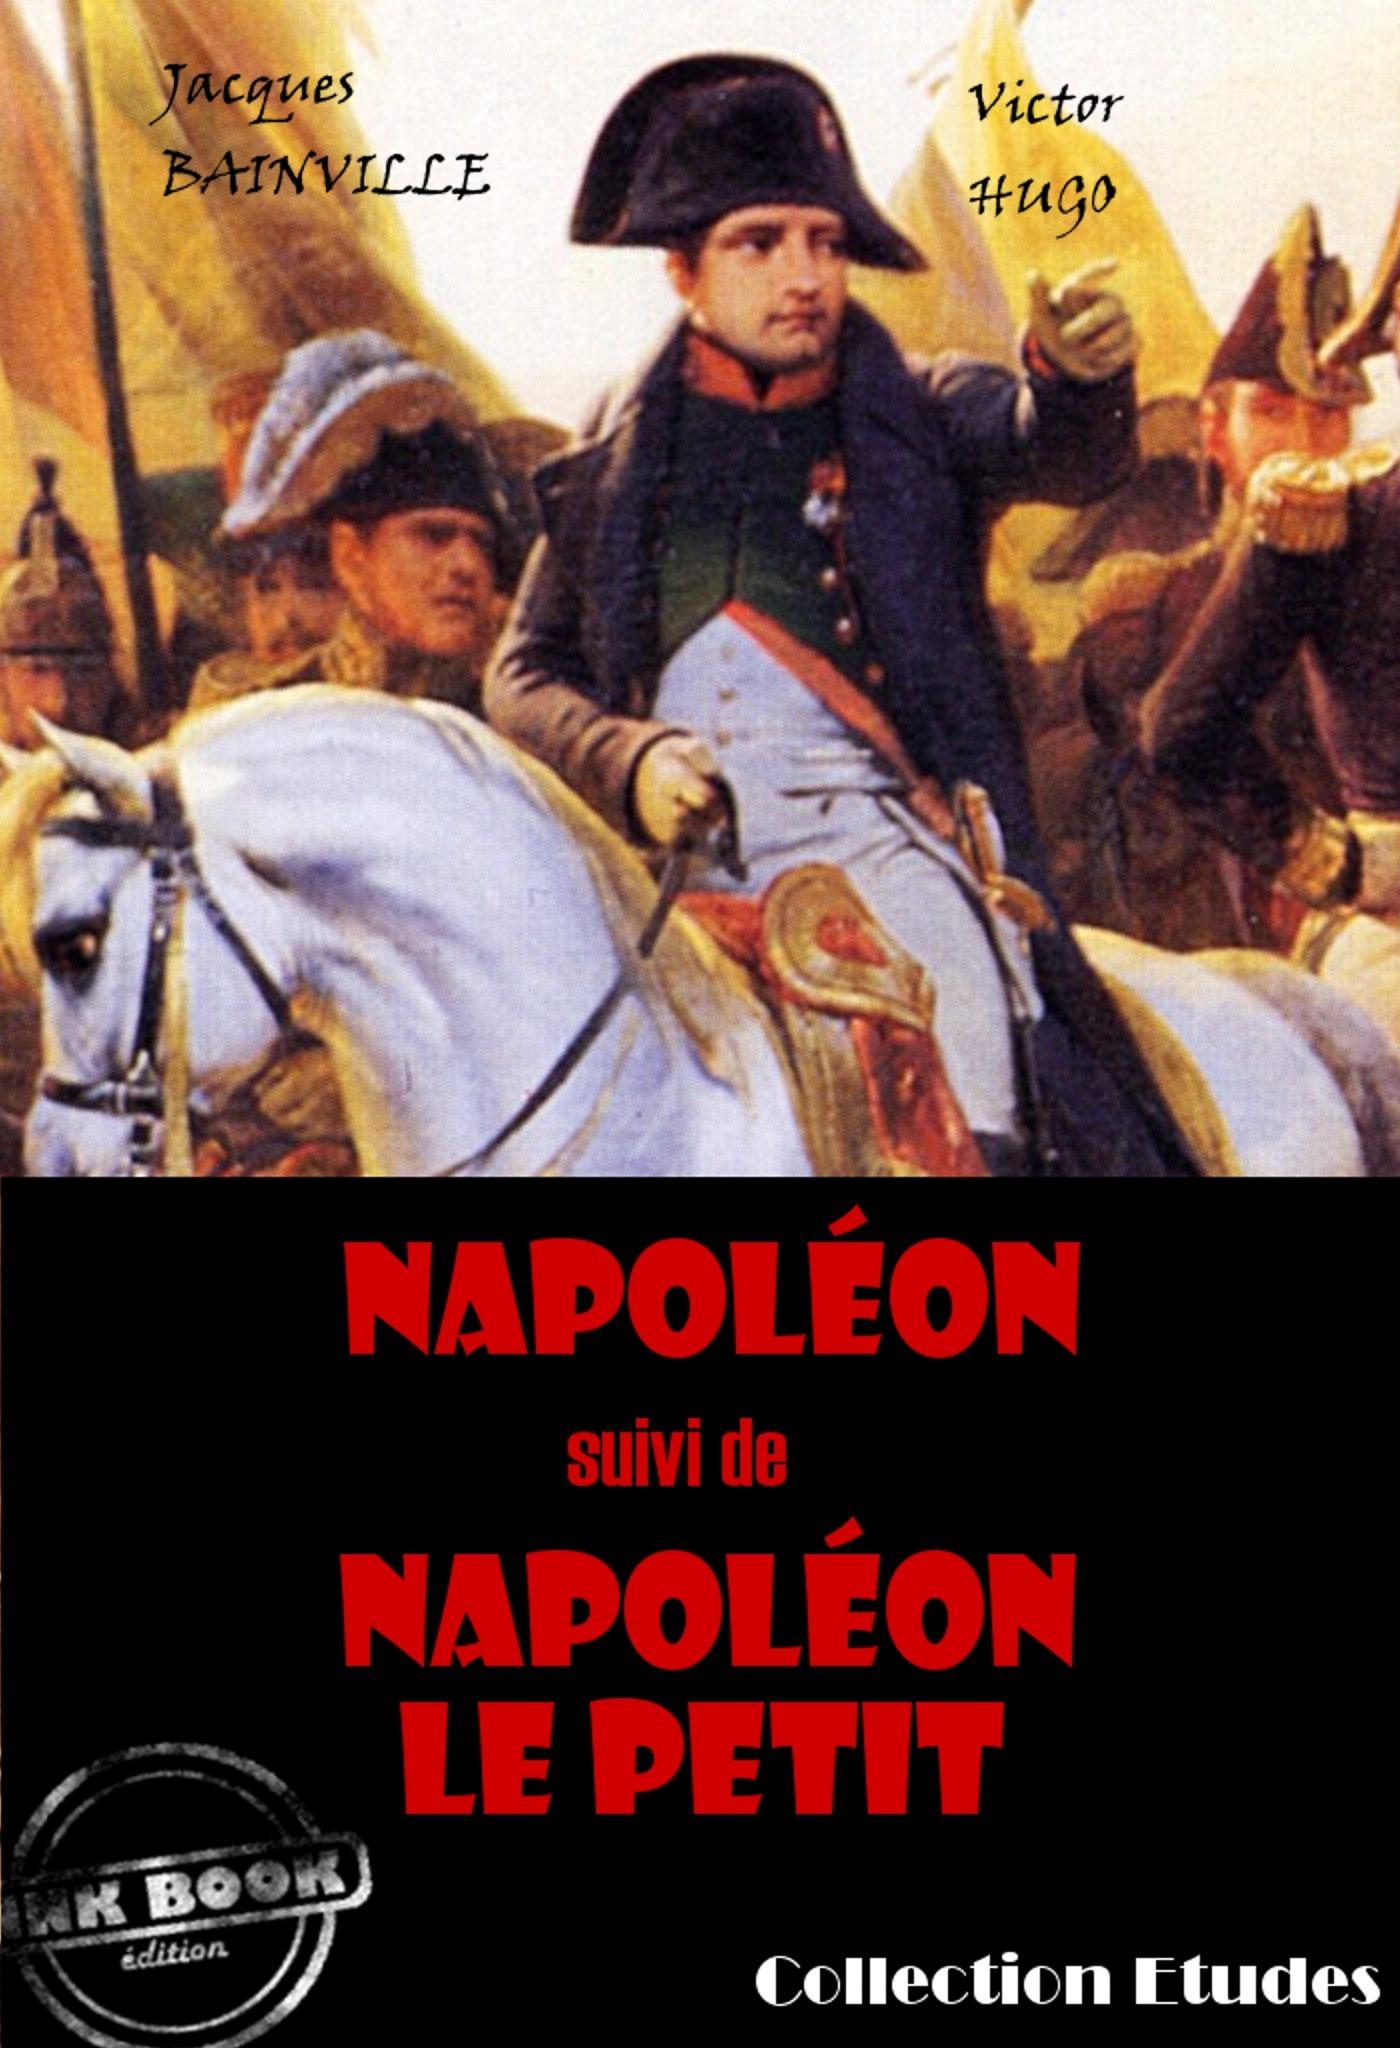 Napoléon ; Napoléon le petit